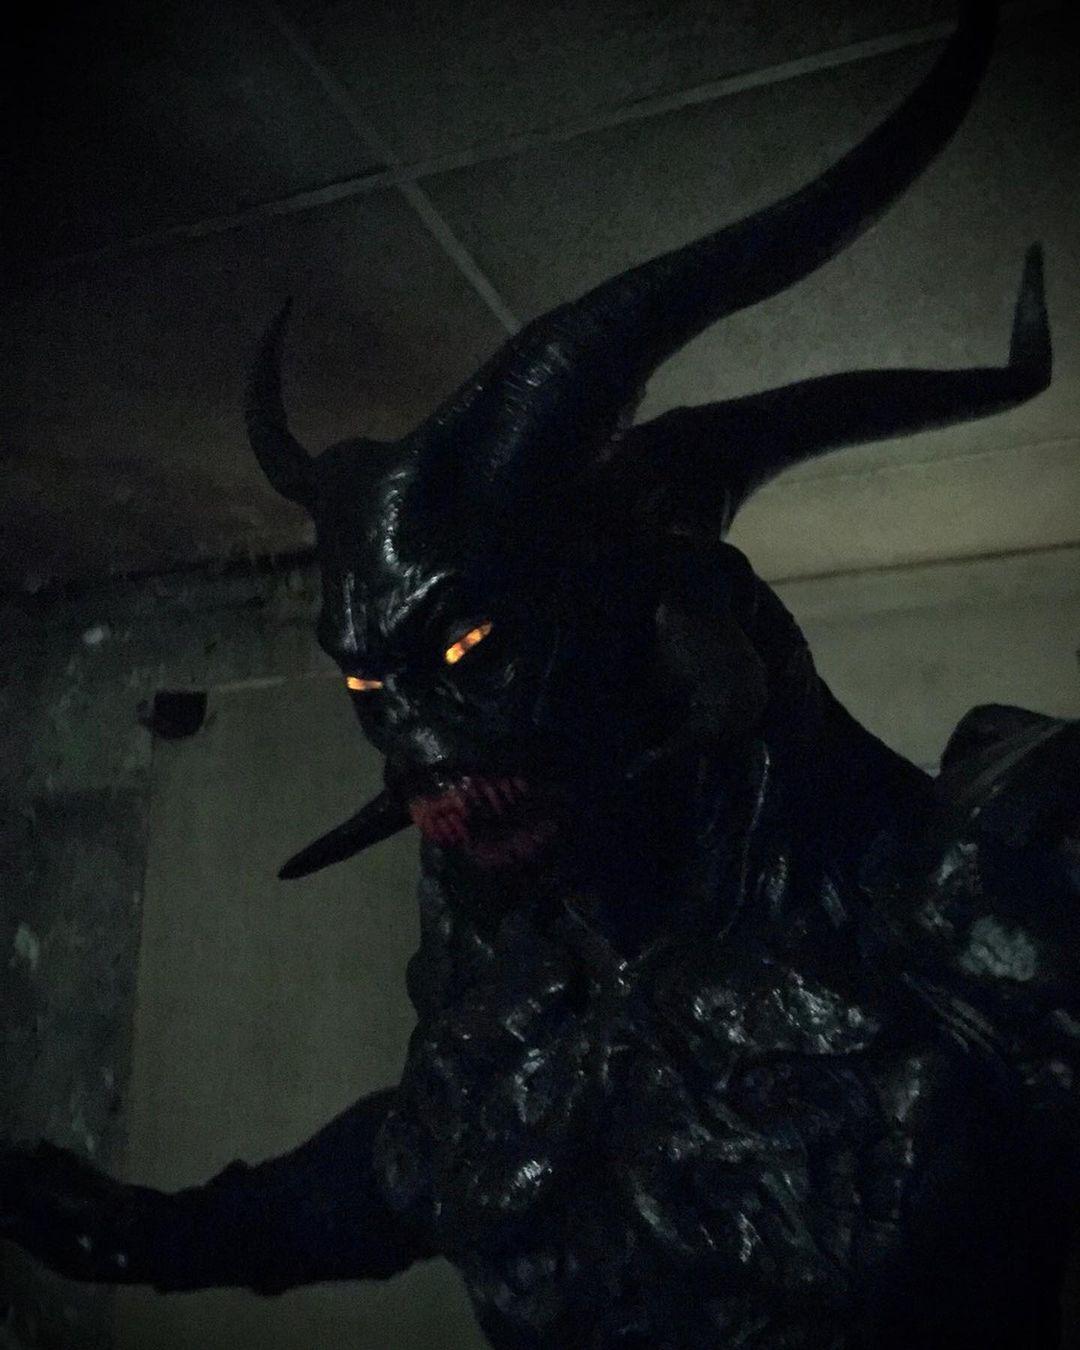 Оказывается, вместо монахини в«Заклятии2» мог появиться демон-Дракула! 3